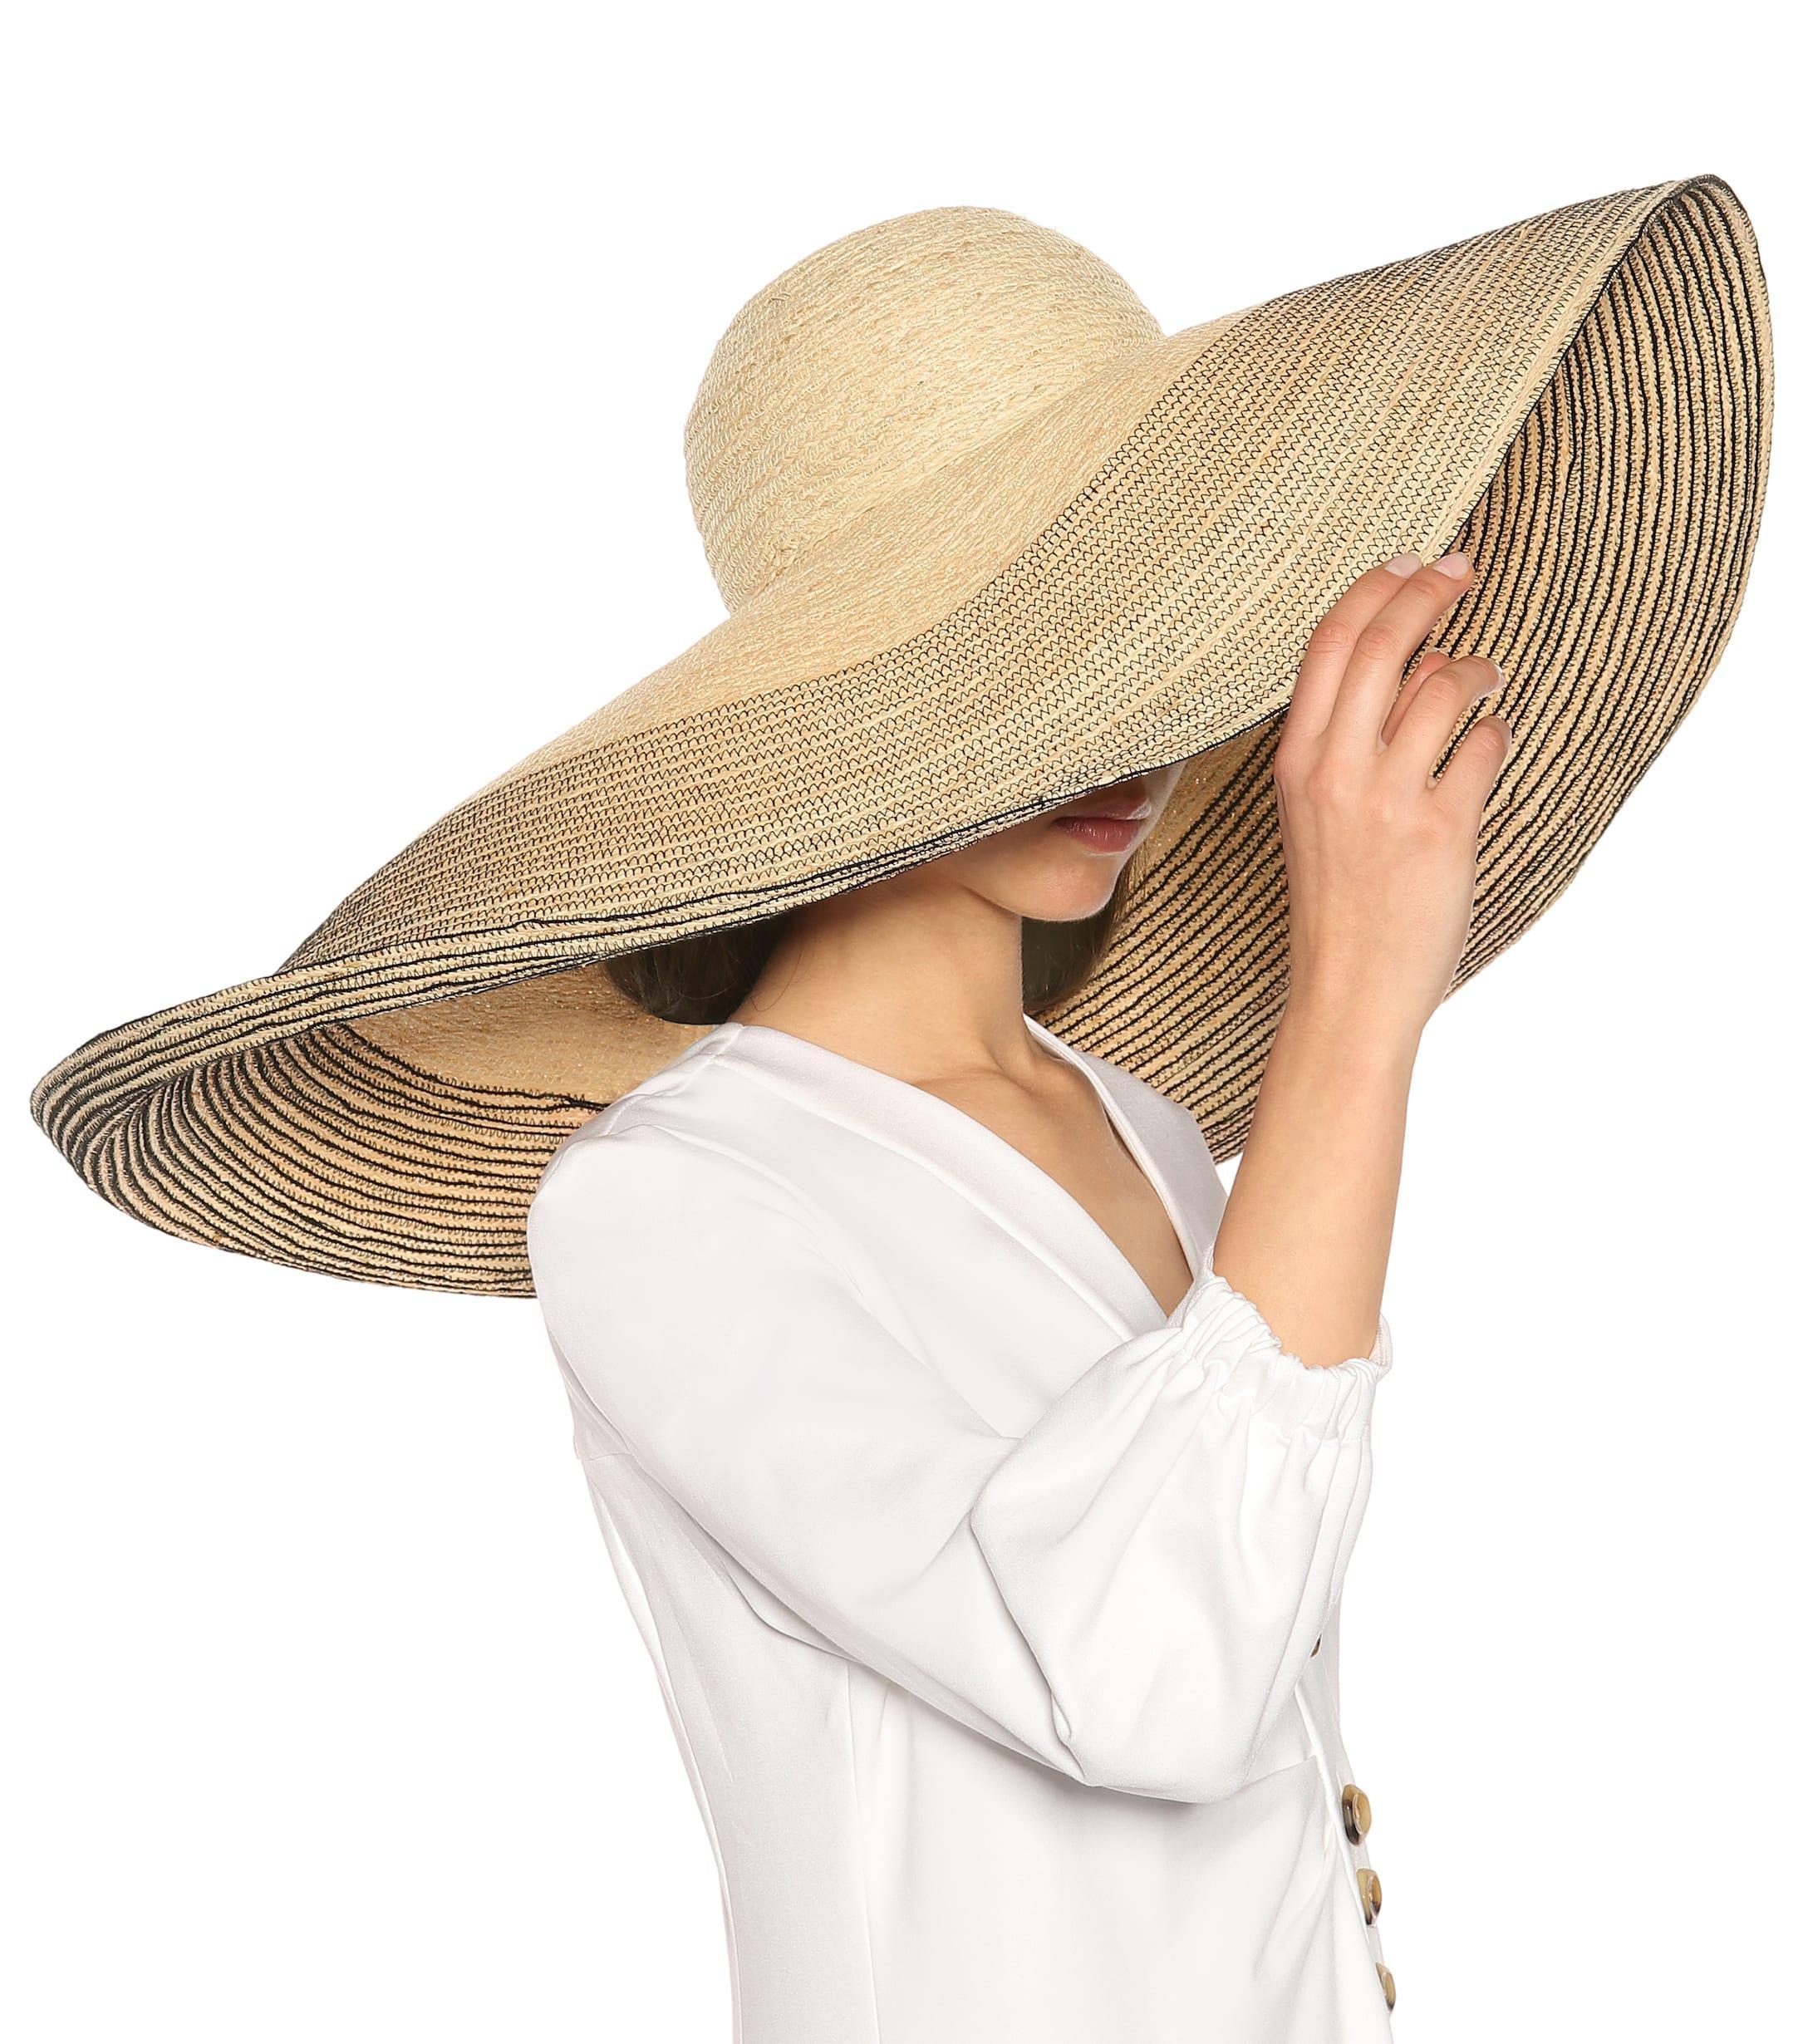 b54c8a96dd1 Lola Hats - Natural Spinner Raffia Hat - Lyst. View fullscreen